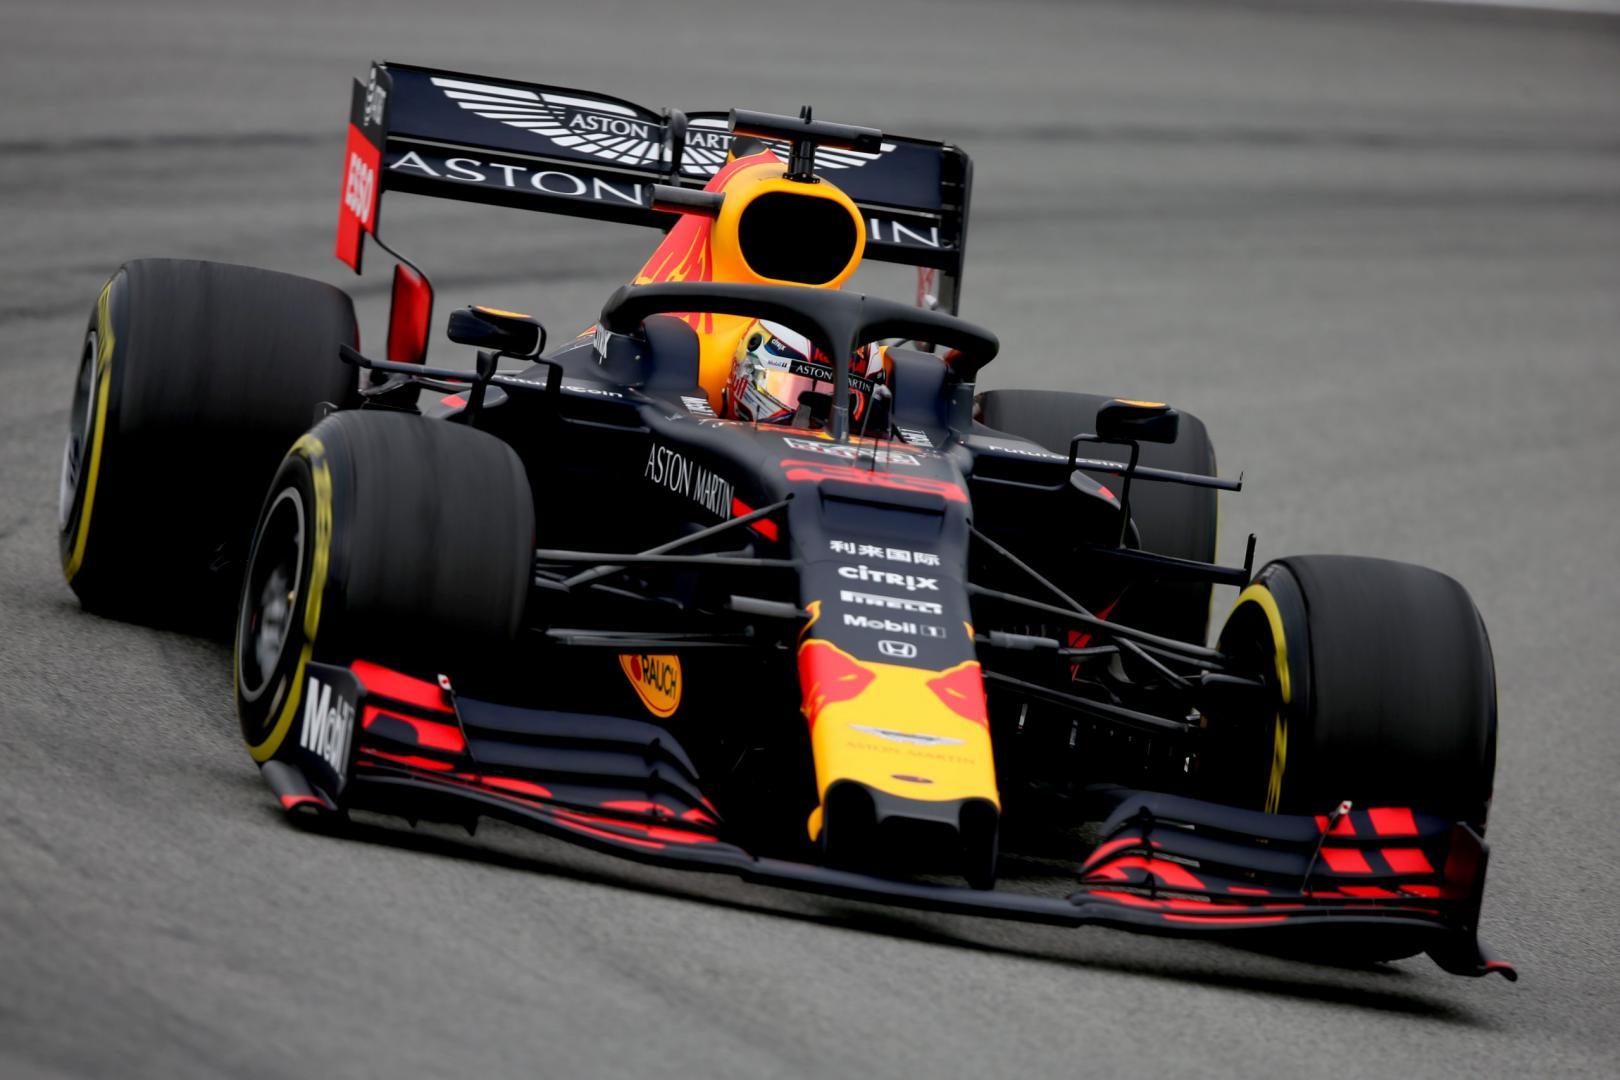 Kwalificatie van de GP van Spanje 2019